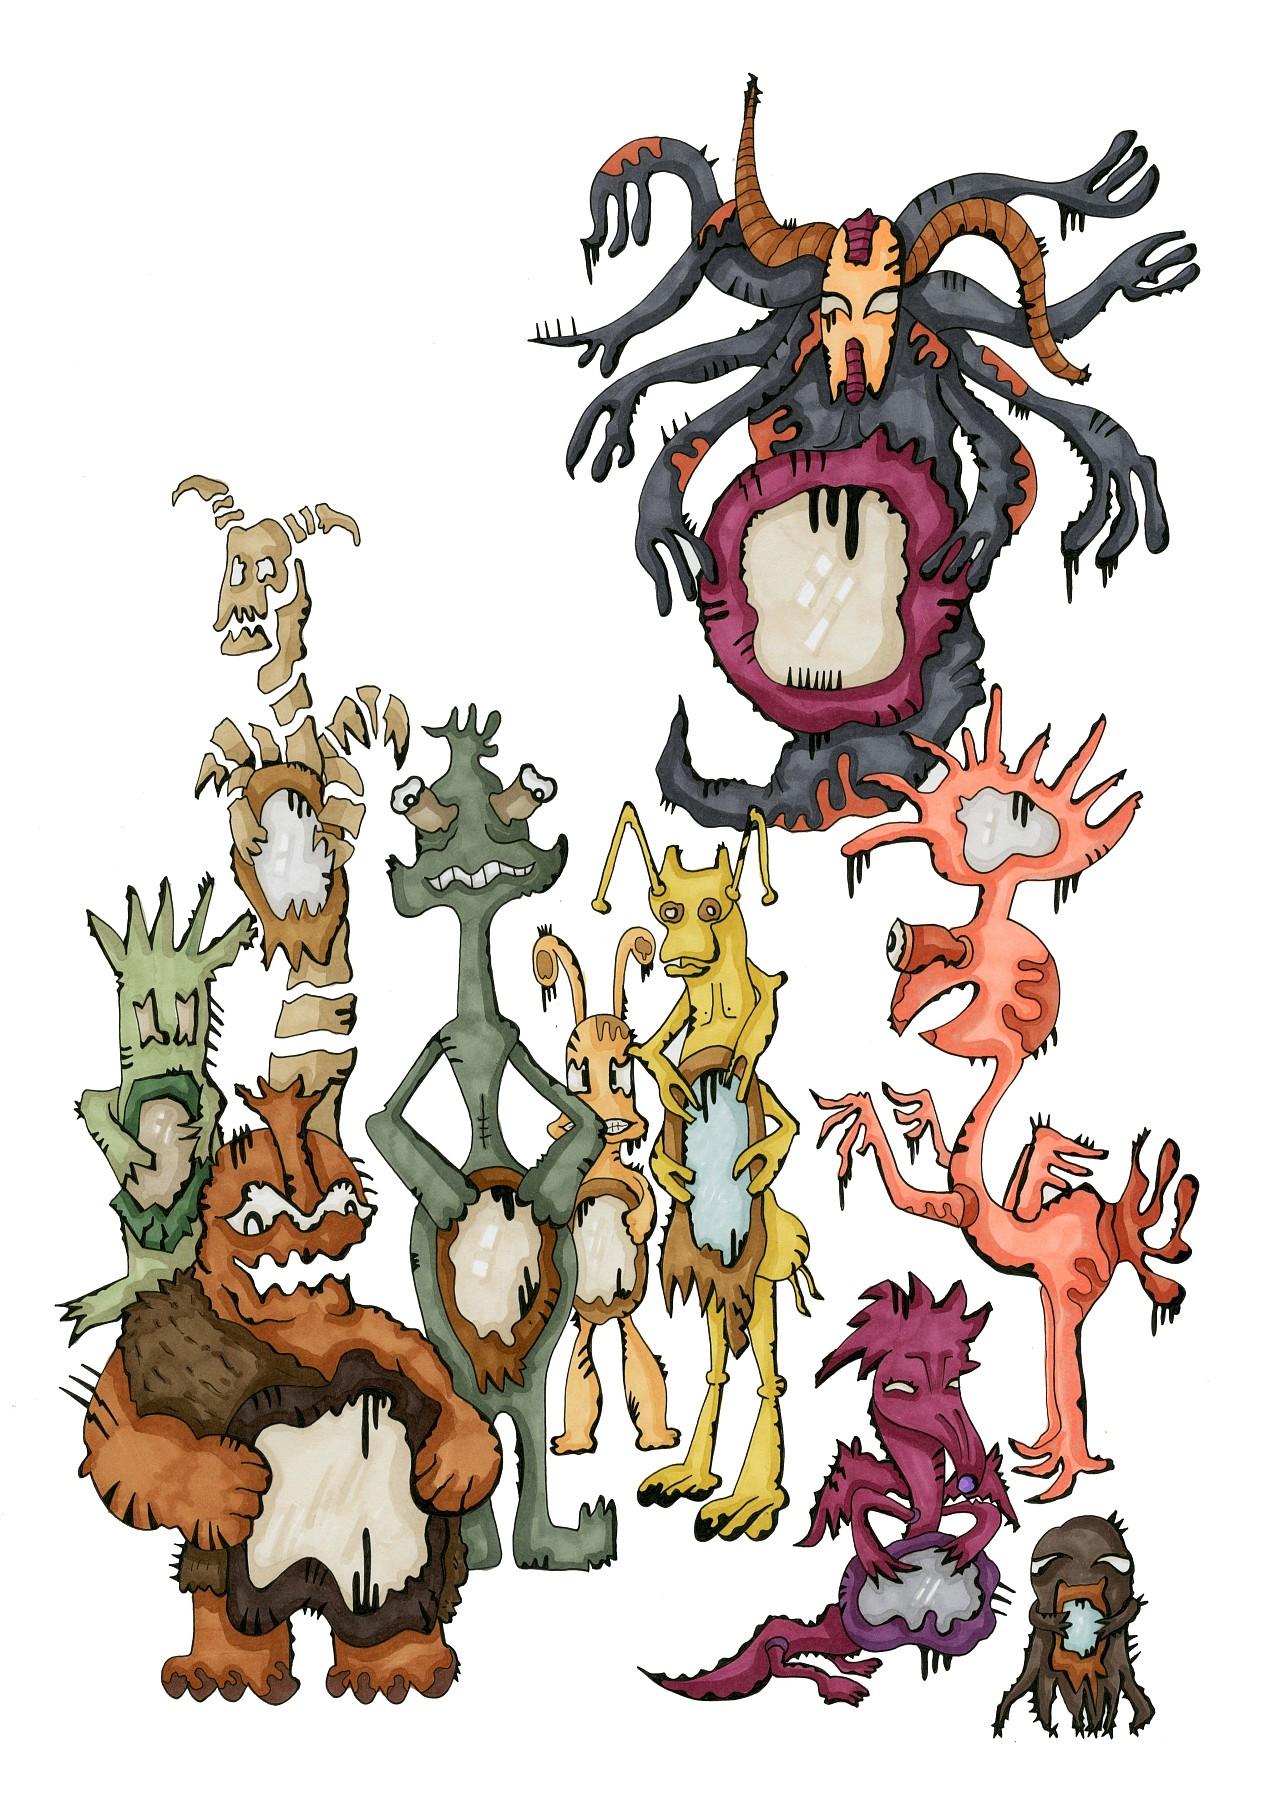 十八层地狱 概念插画 动漫作品 动漫作品